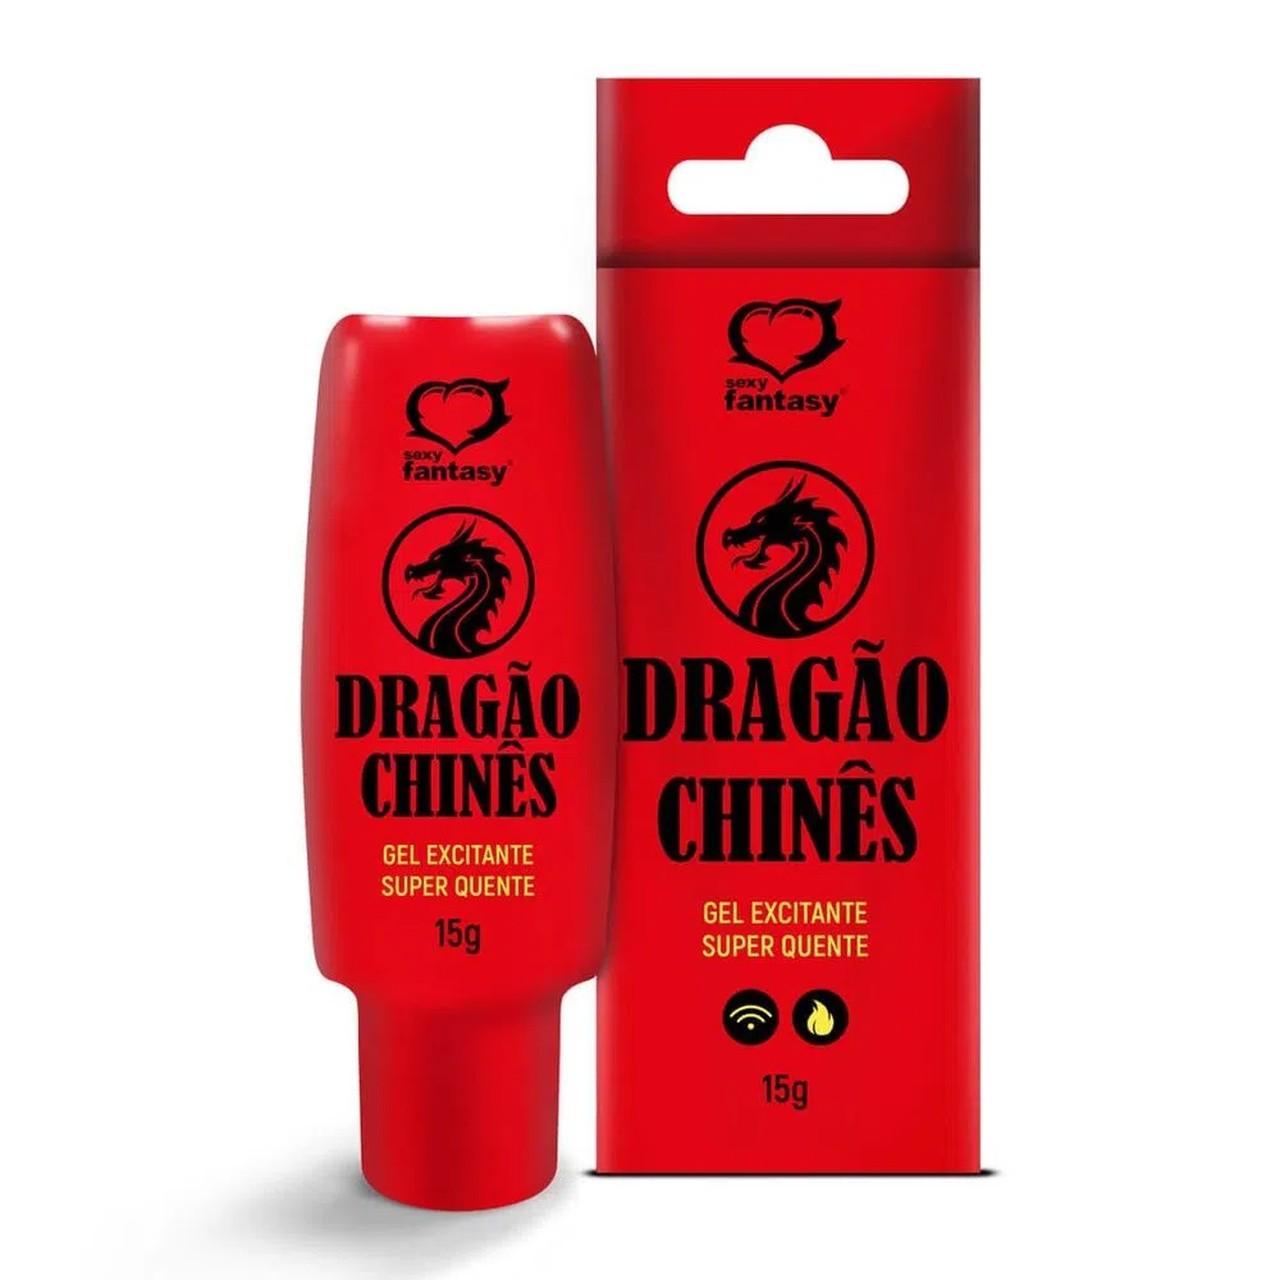 Dragão Chinês Lubrificante Excitante Super Quente 15g - Sexy Fantasy